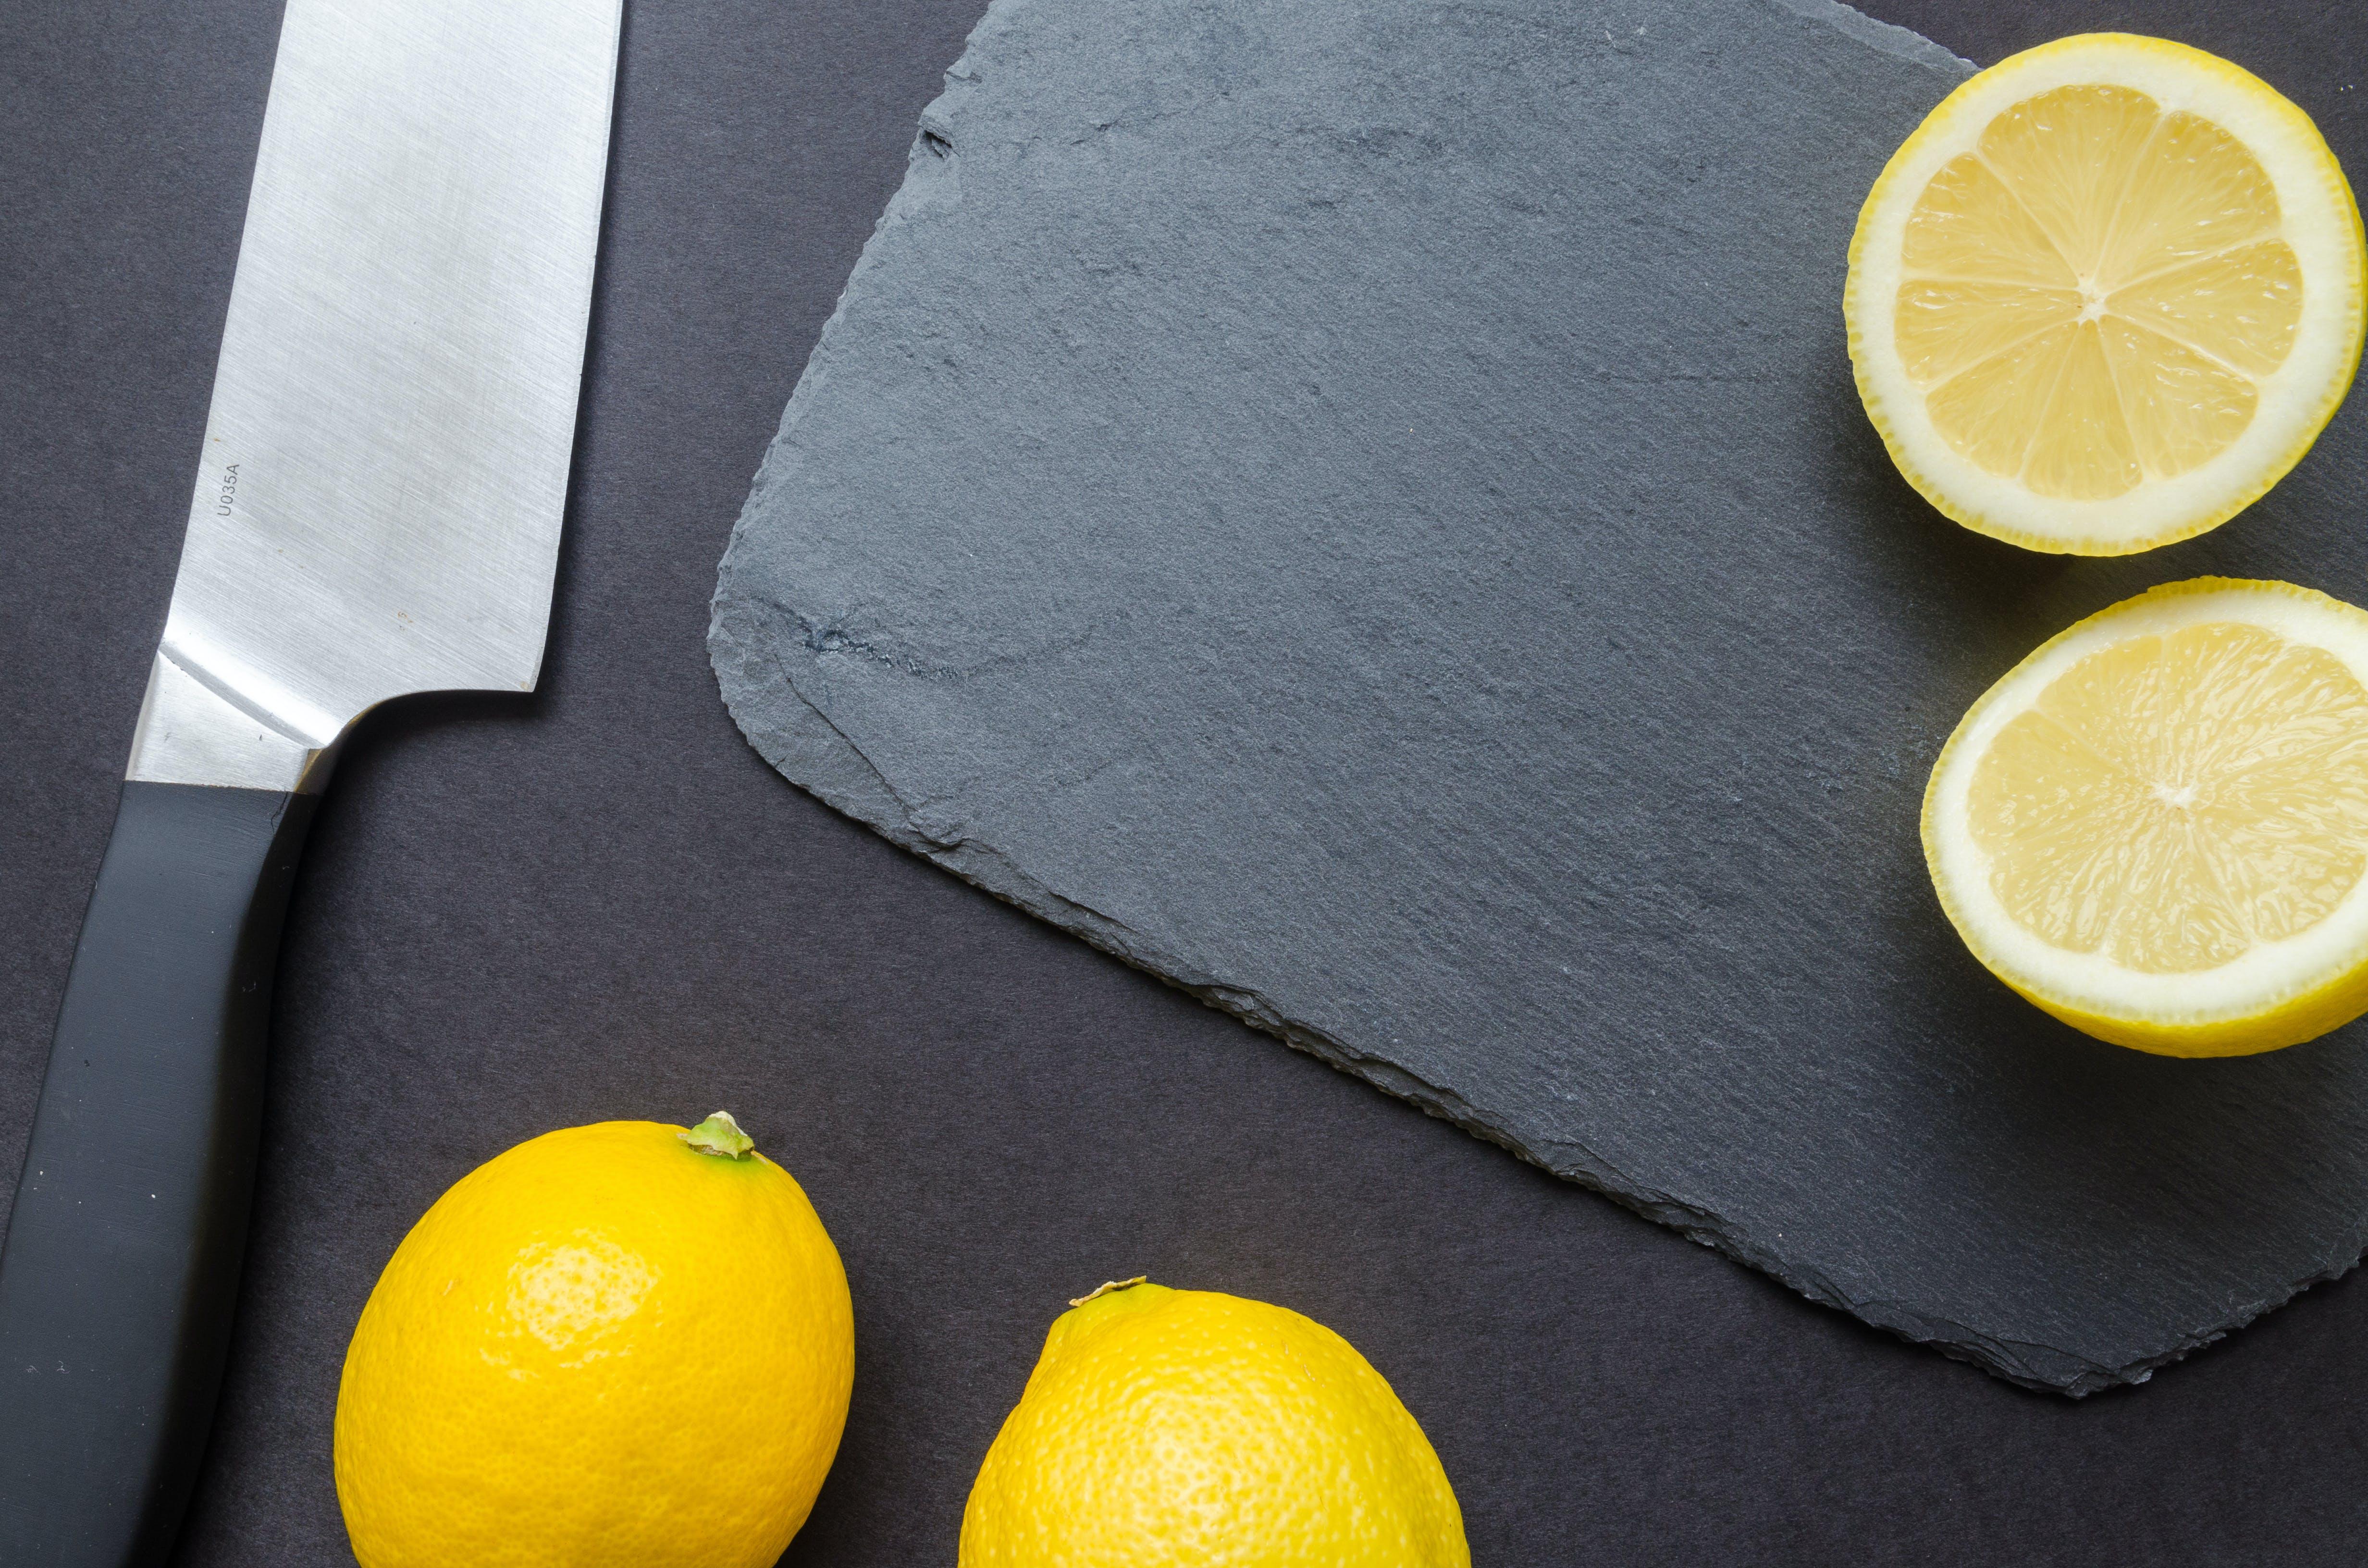 Photography of Sliced Lemon Near Kitchen Knife